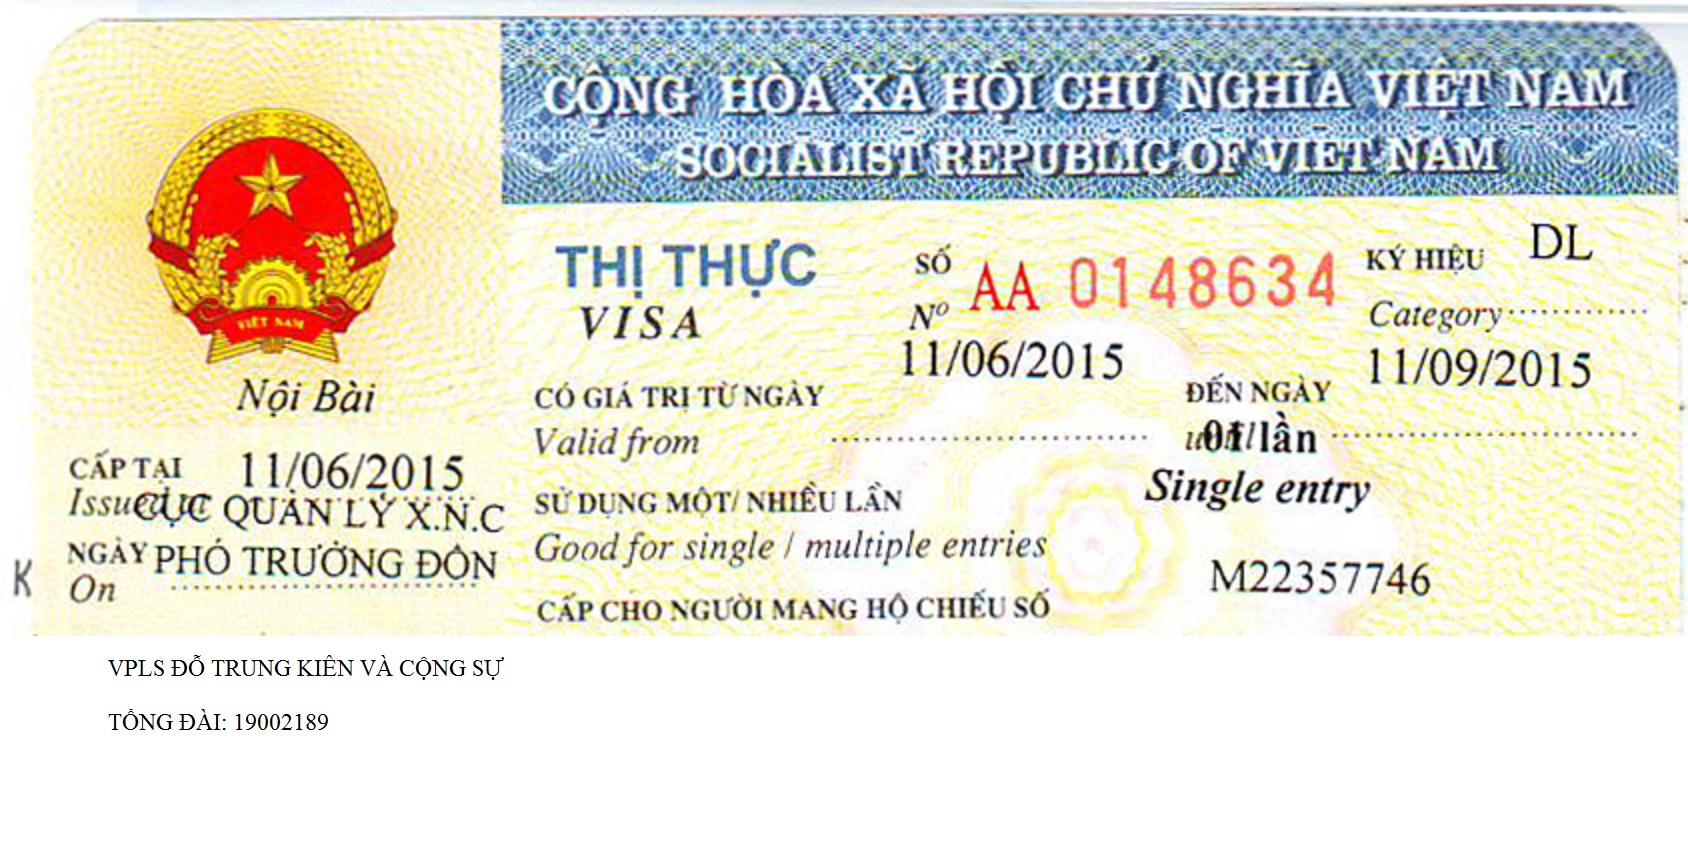 Visa du lịch cho người nước ngoài vào Việt Nam